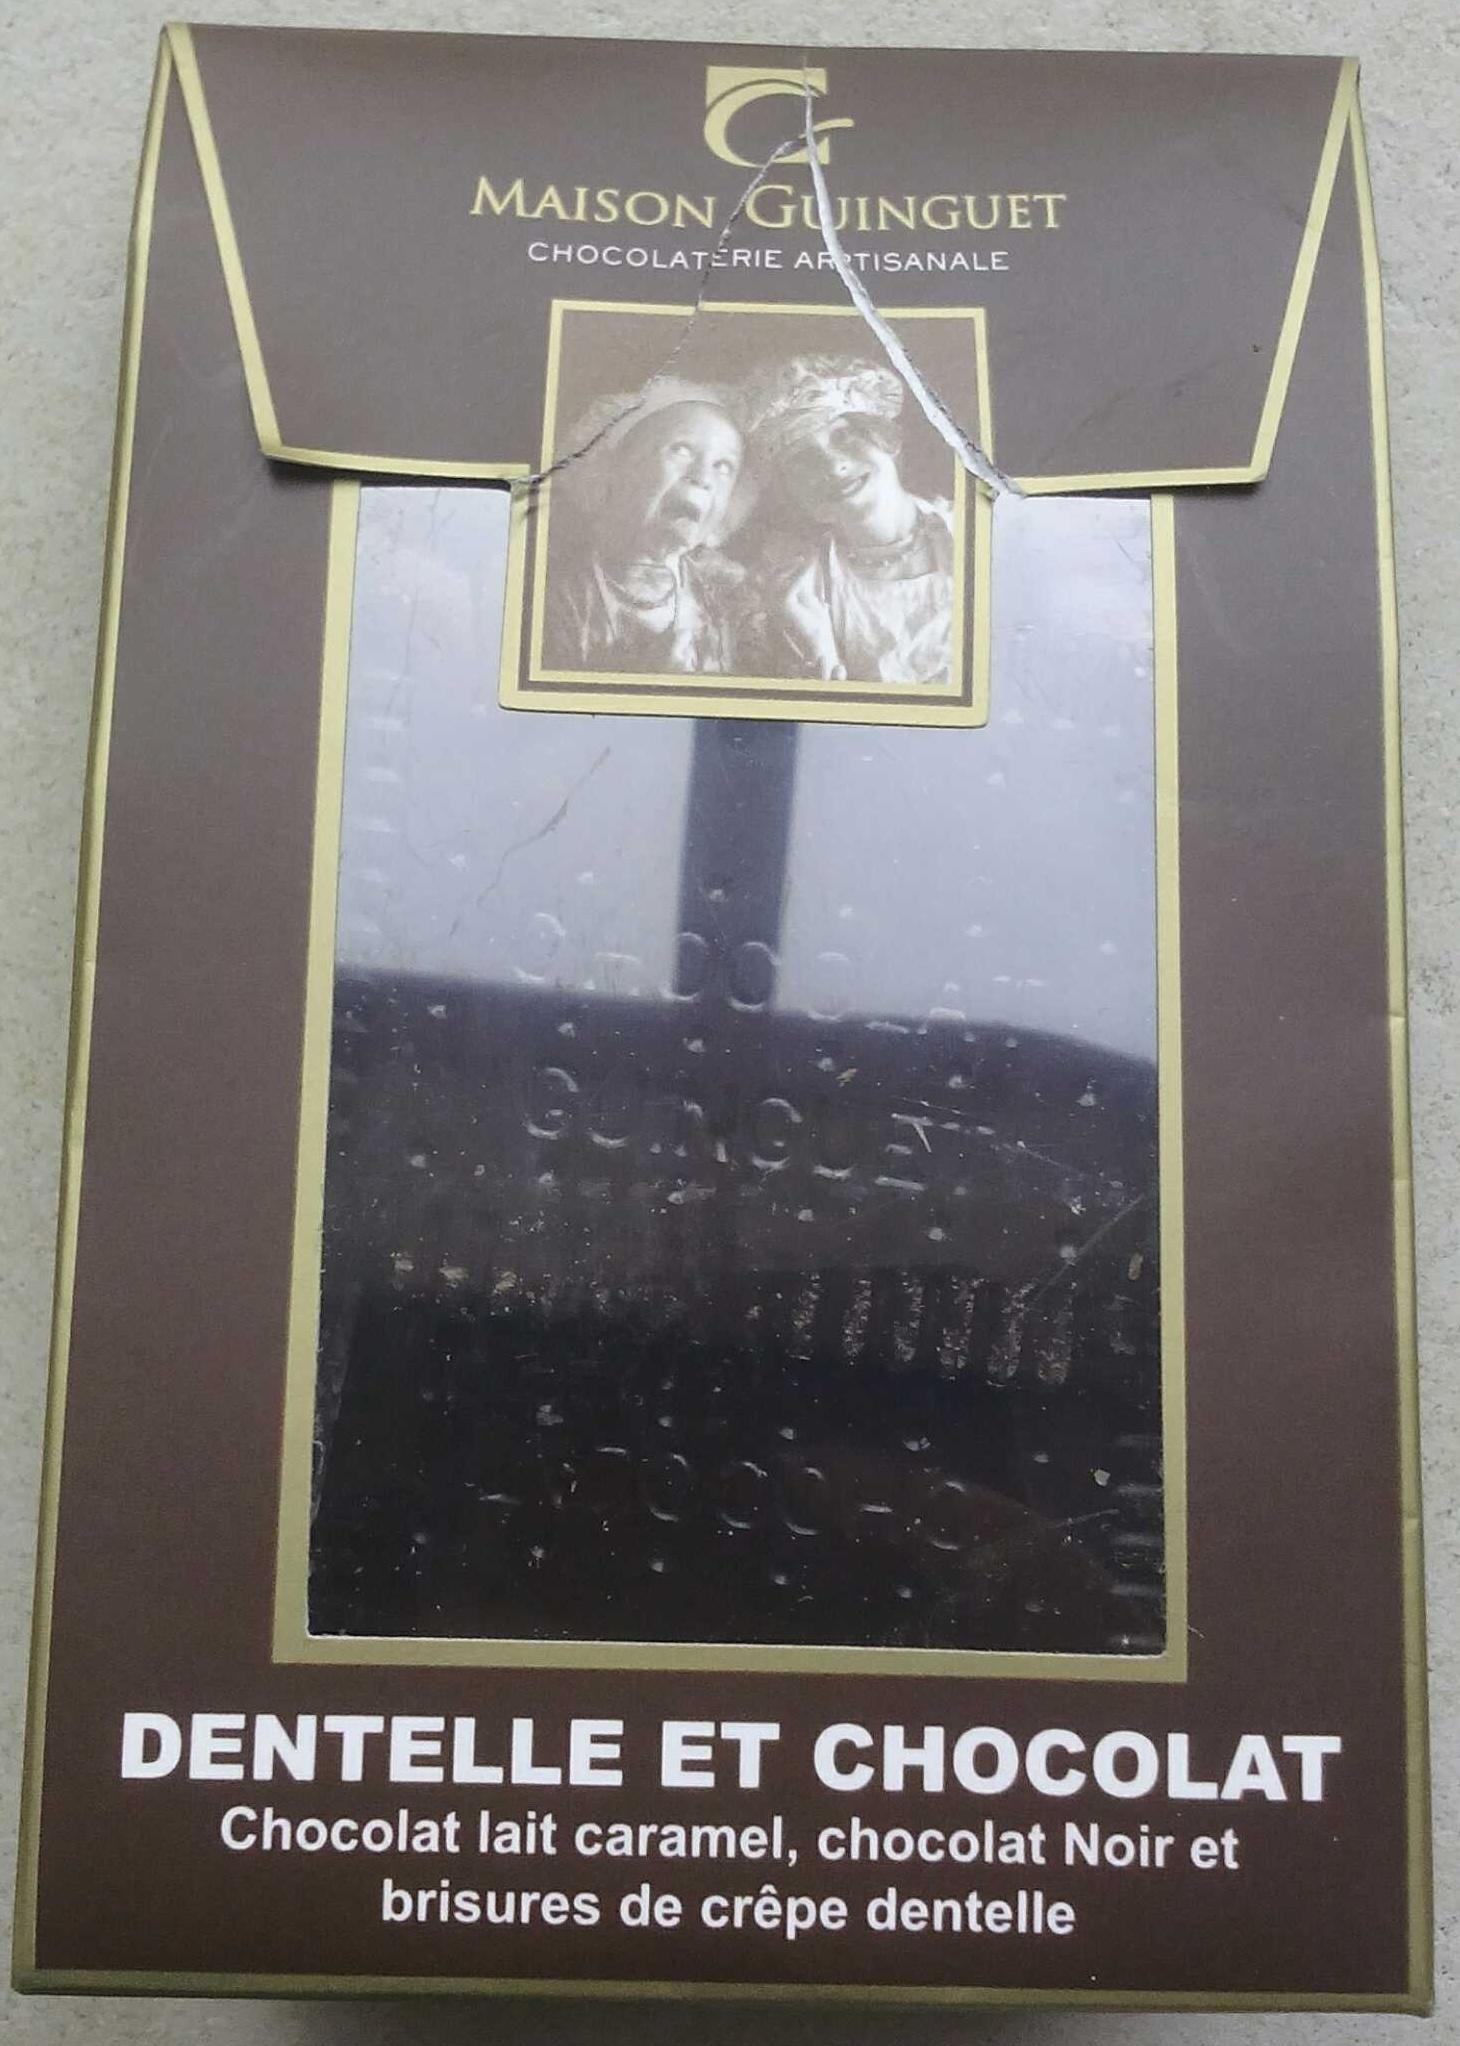 Dentelle et Chocolat - Product